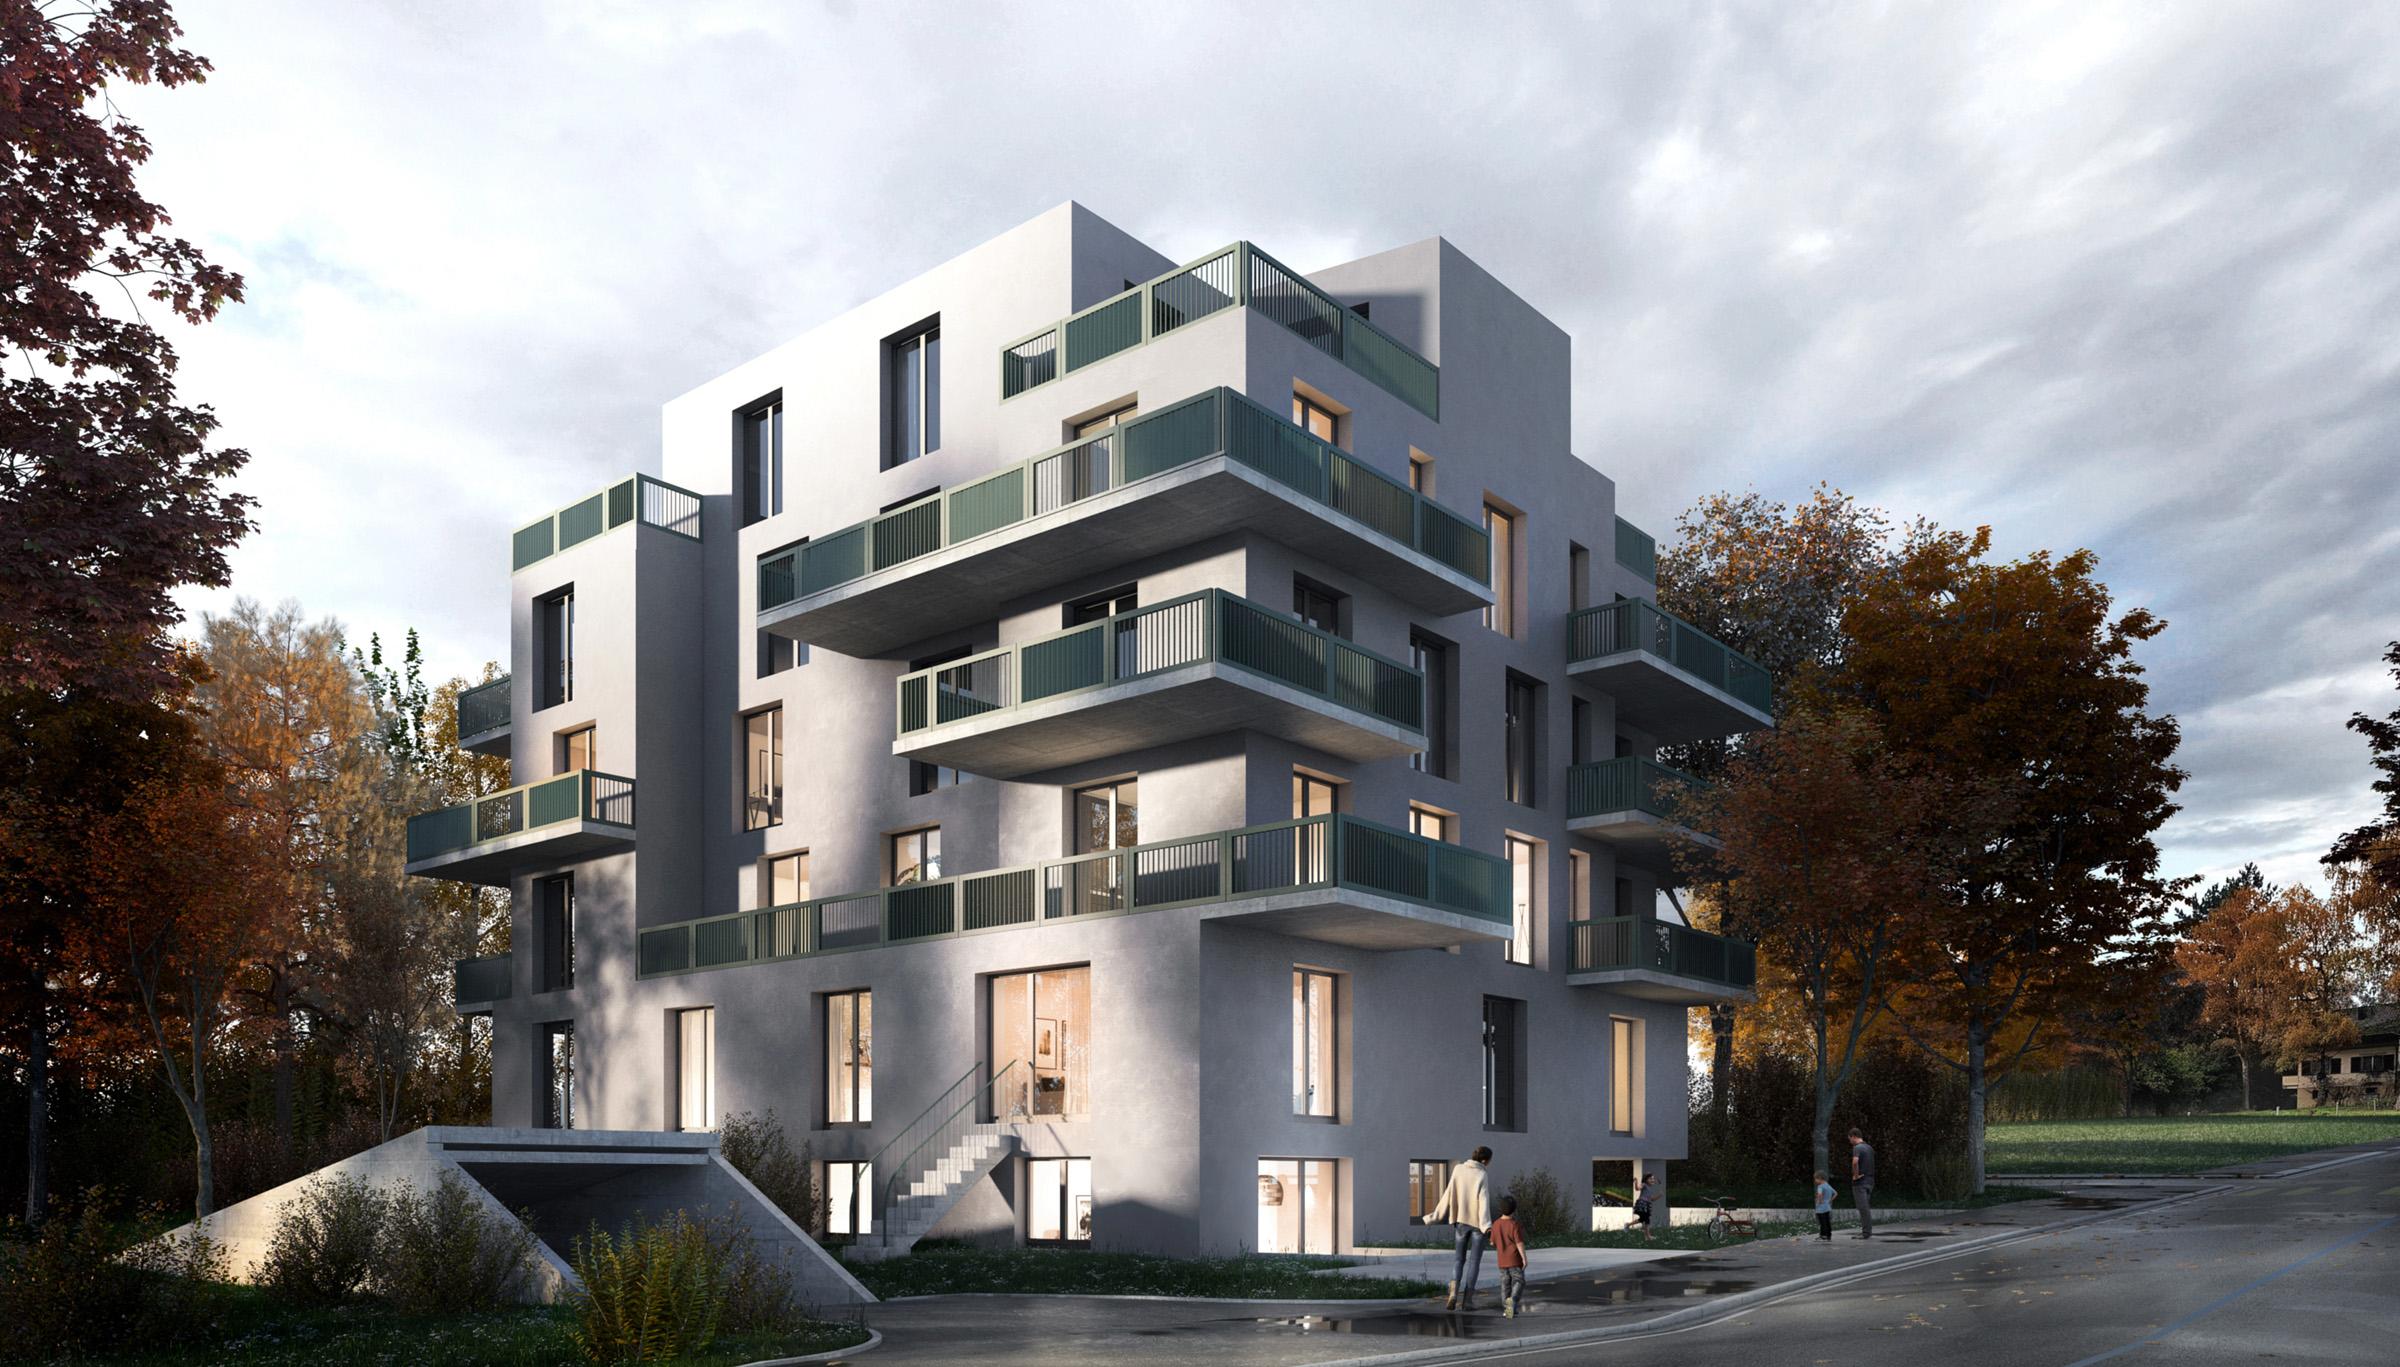 Architektur Visualisierung Kooon.